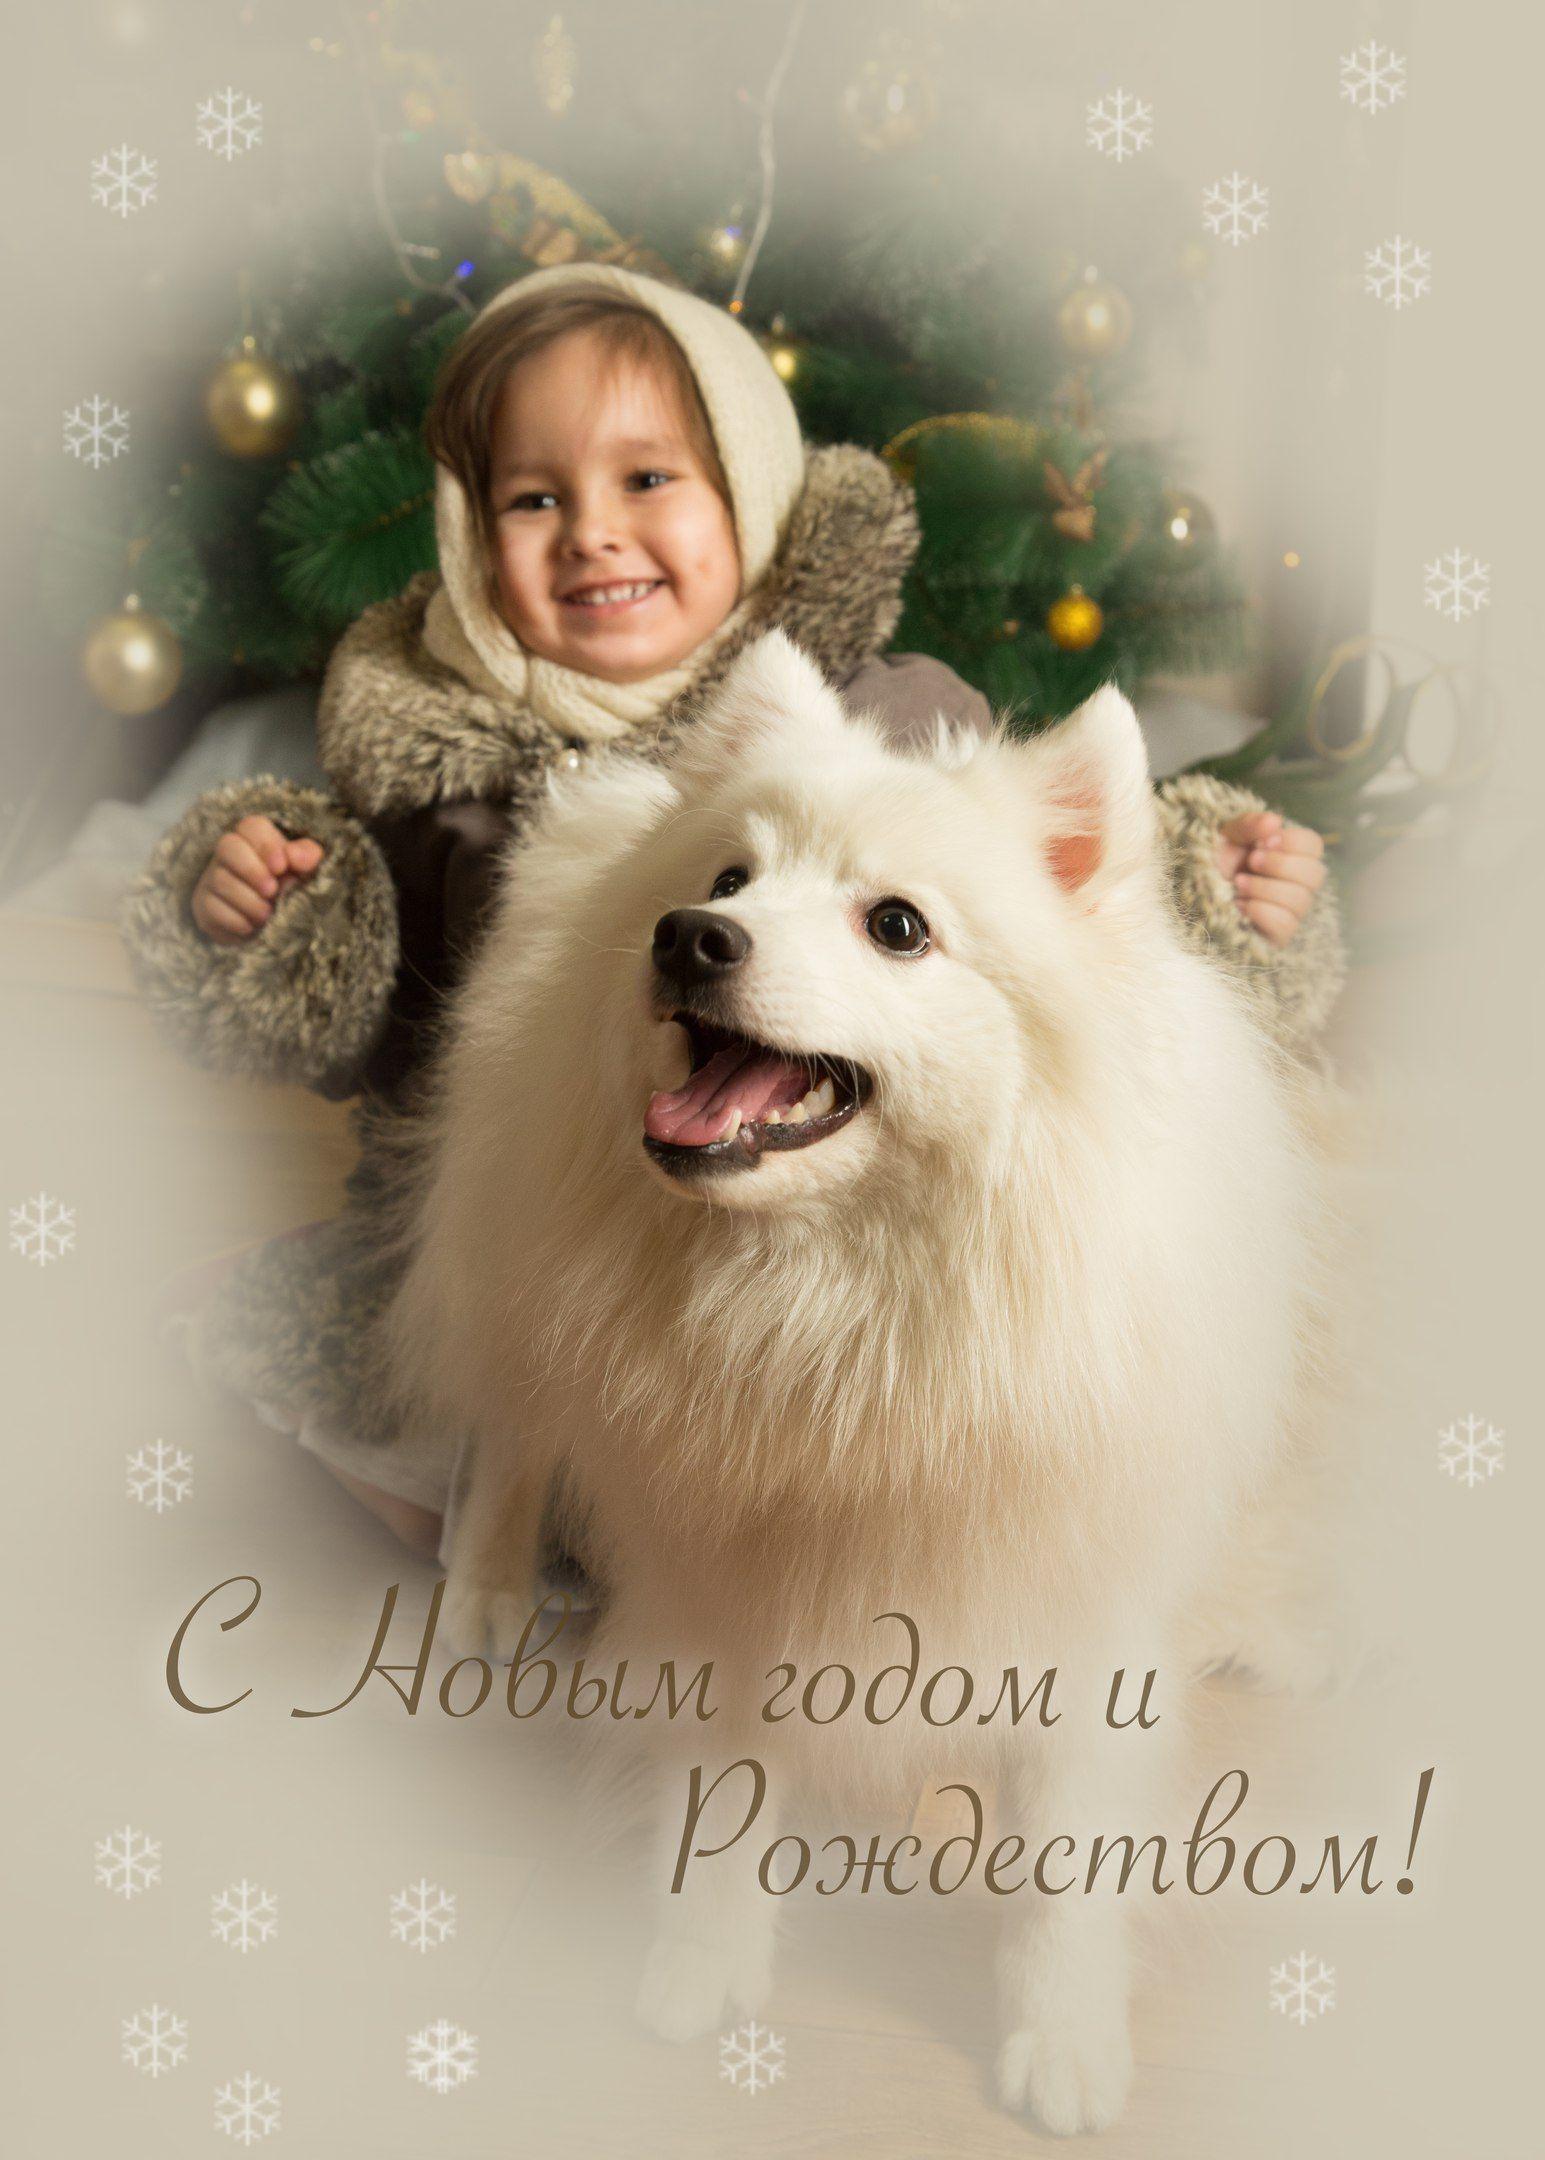 Собака, девочка, открытка, поздравление, новый год, рождество , Комарова Дарья